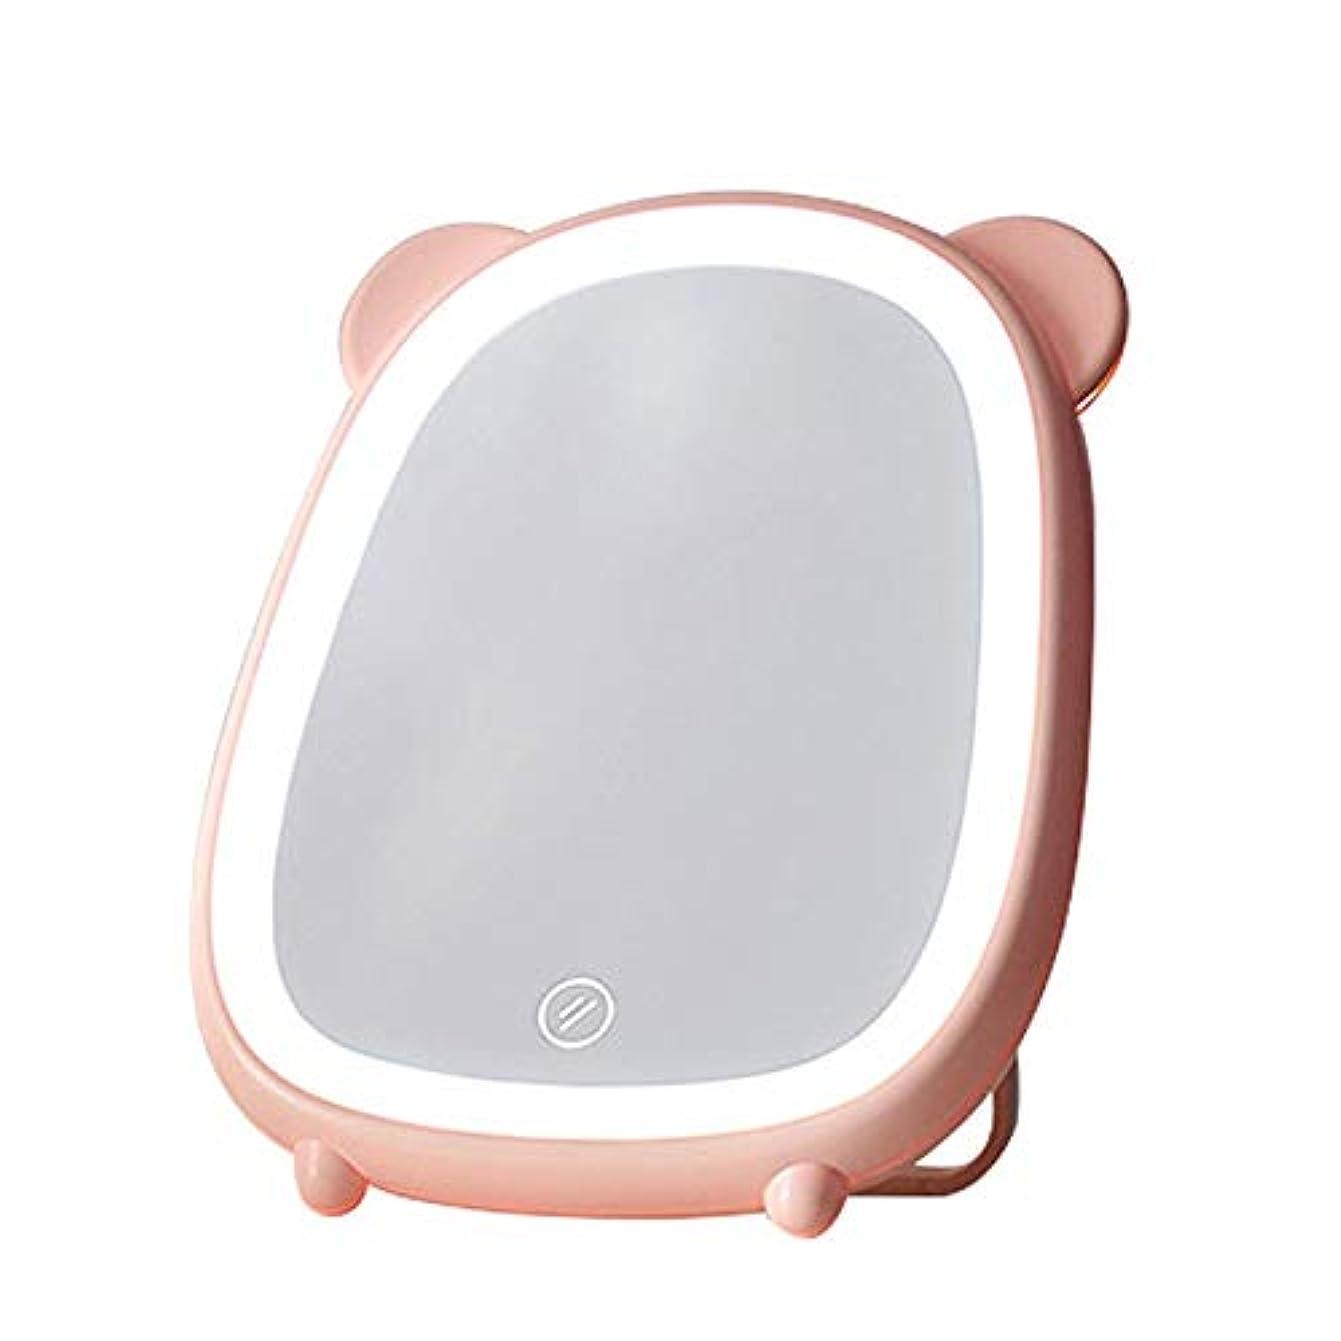 石鹸魅力するTYNEGH 照光式ミラーLEDライトタッチスクリーンは、女の子と男性の化粧品については、表を回転自由に180度回転させることができ、